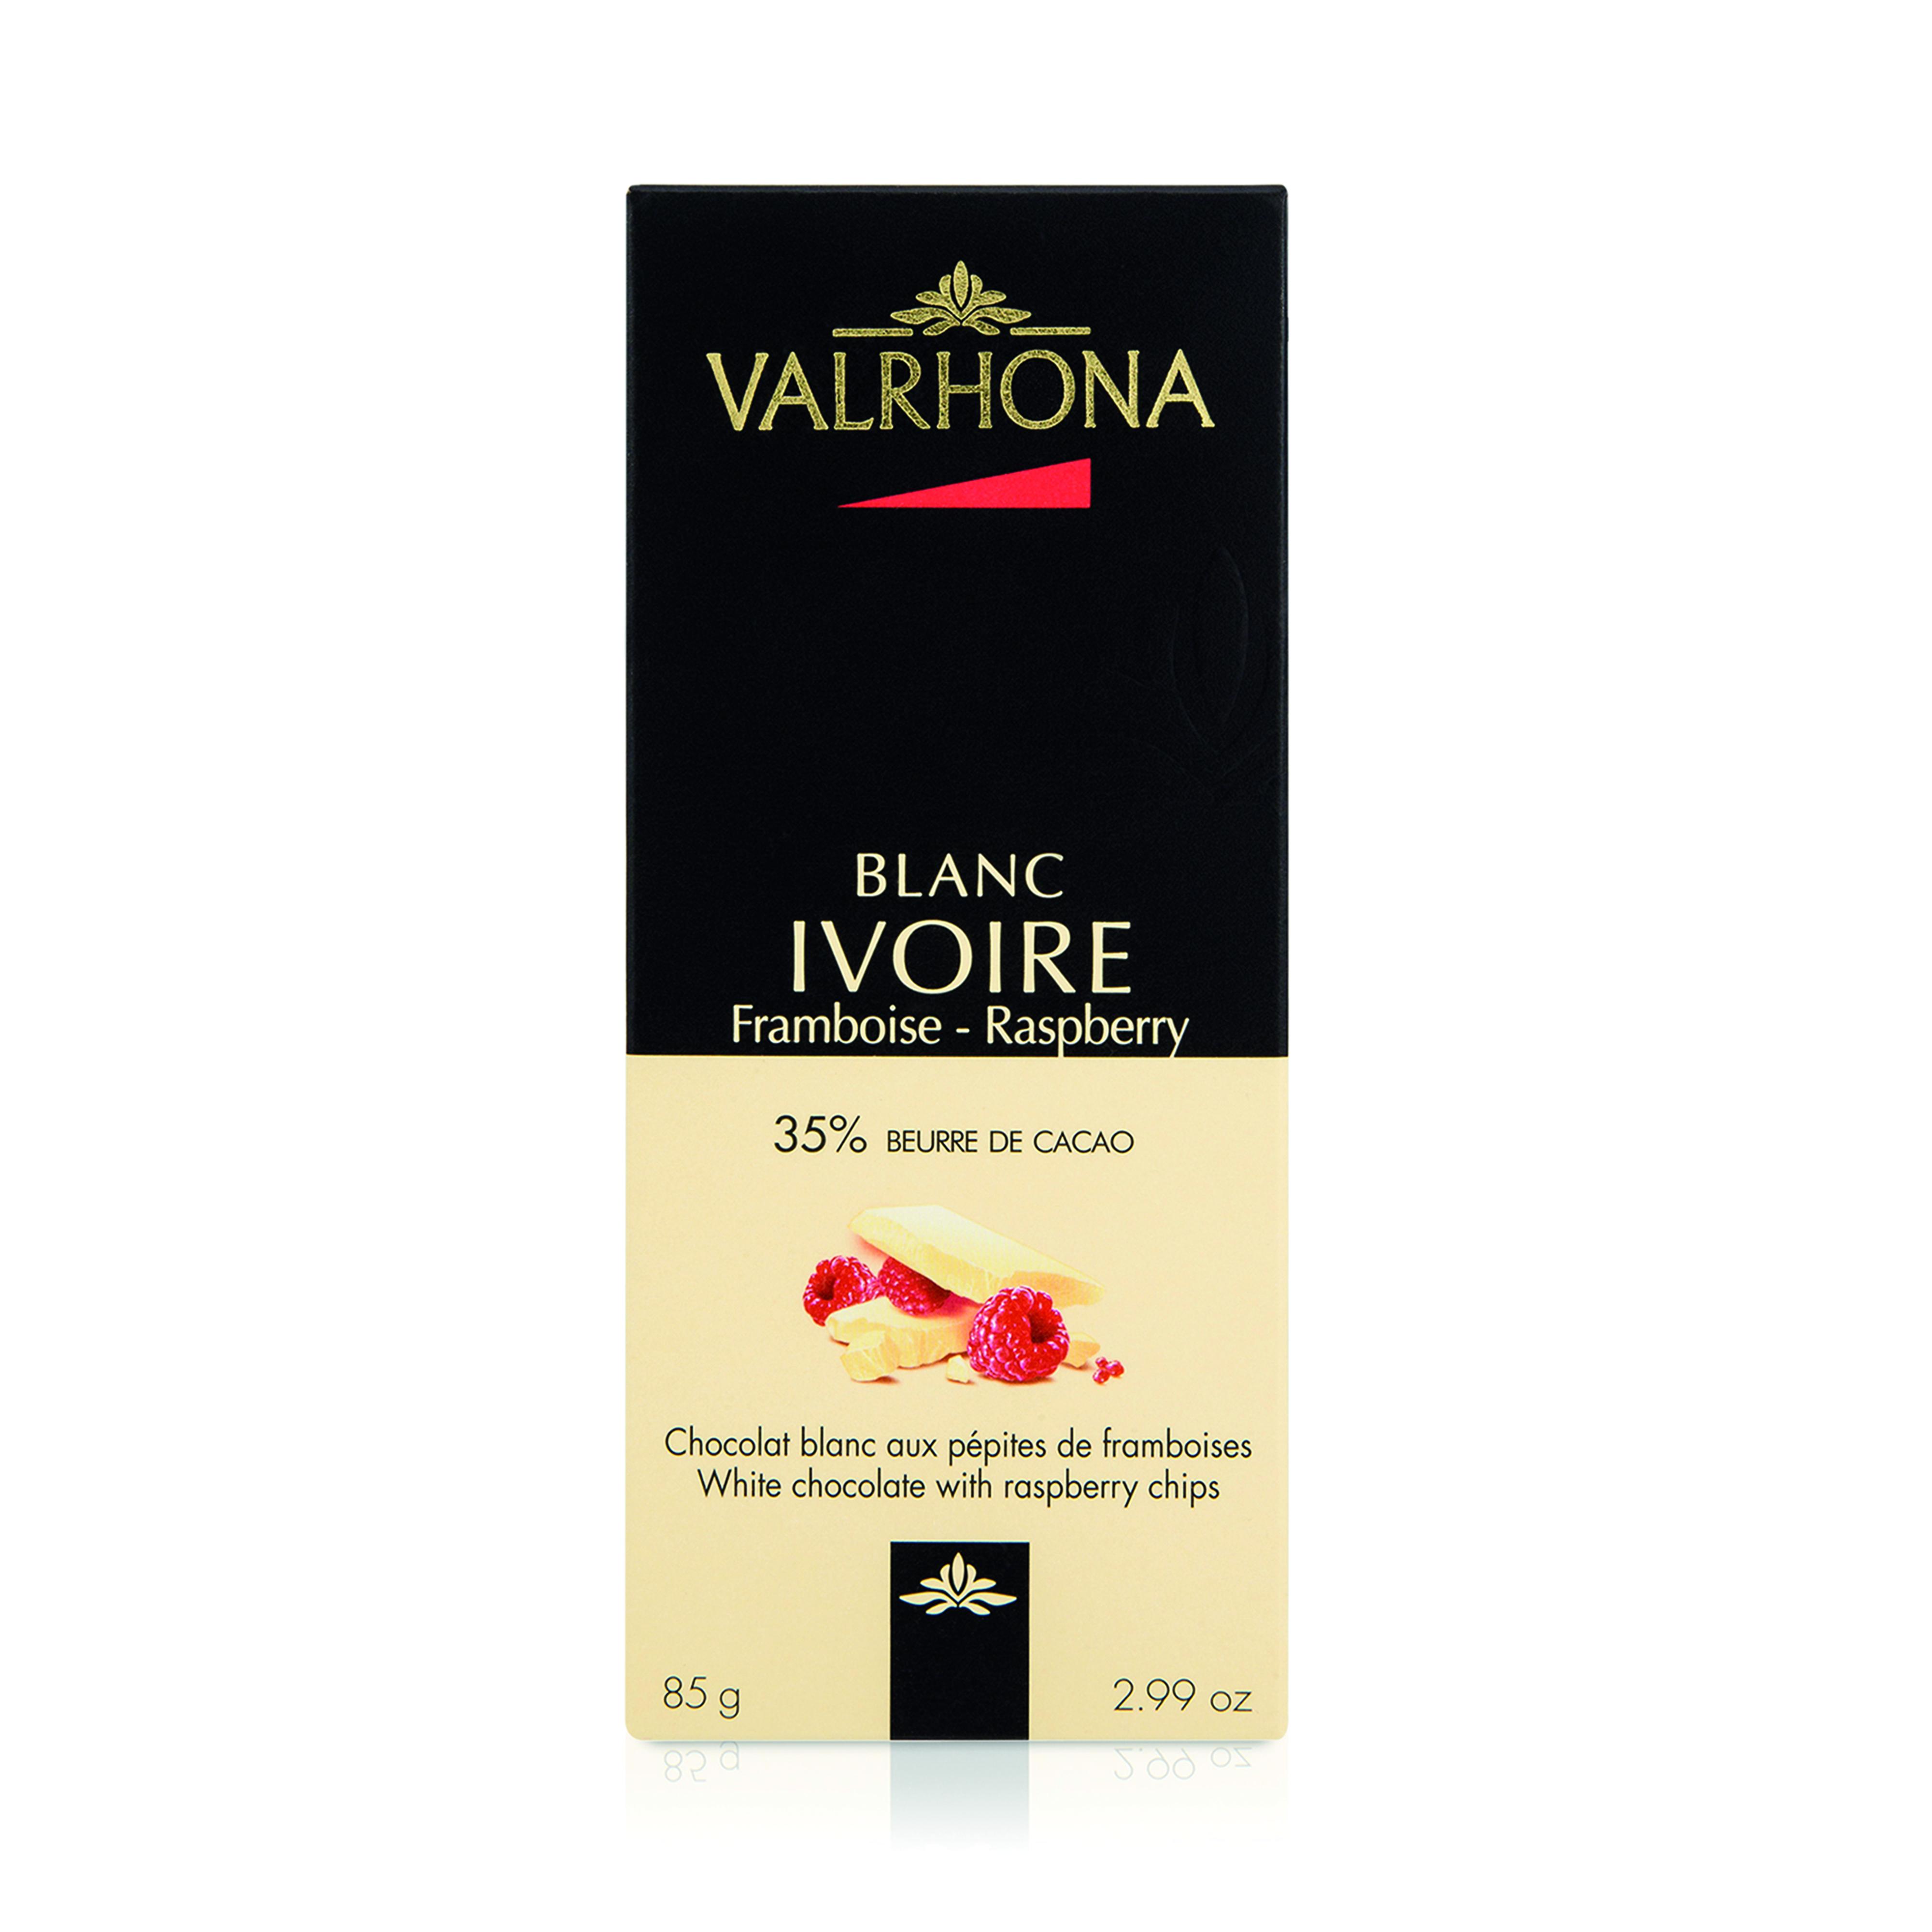 TABLETTE IVOIRE FRAMBOISE